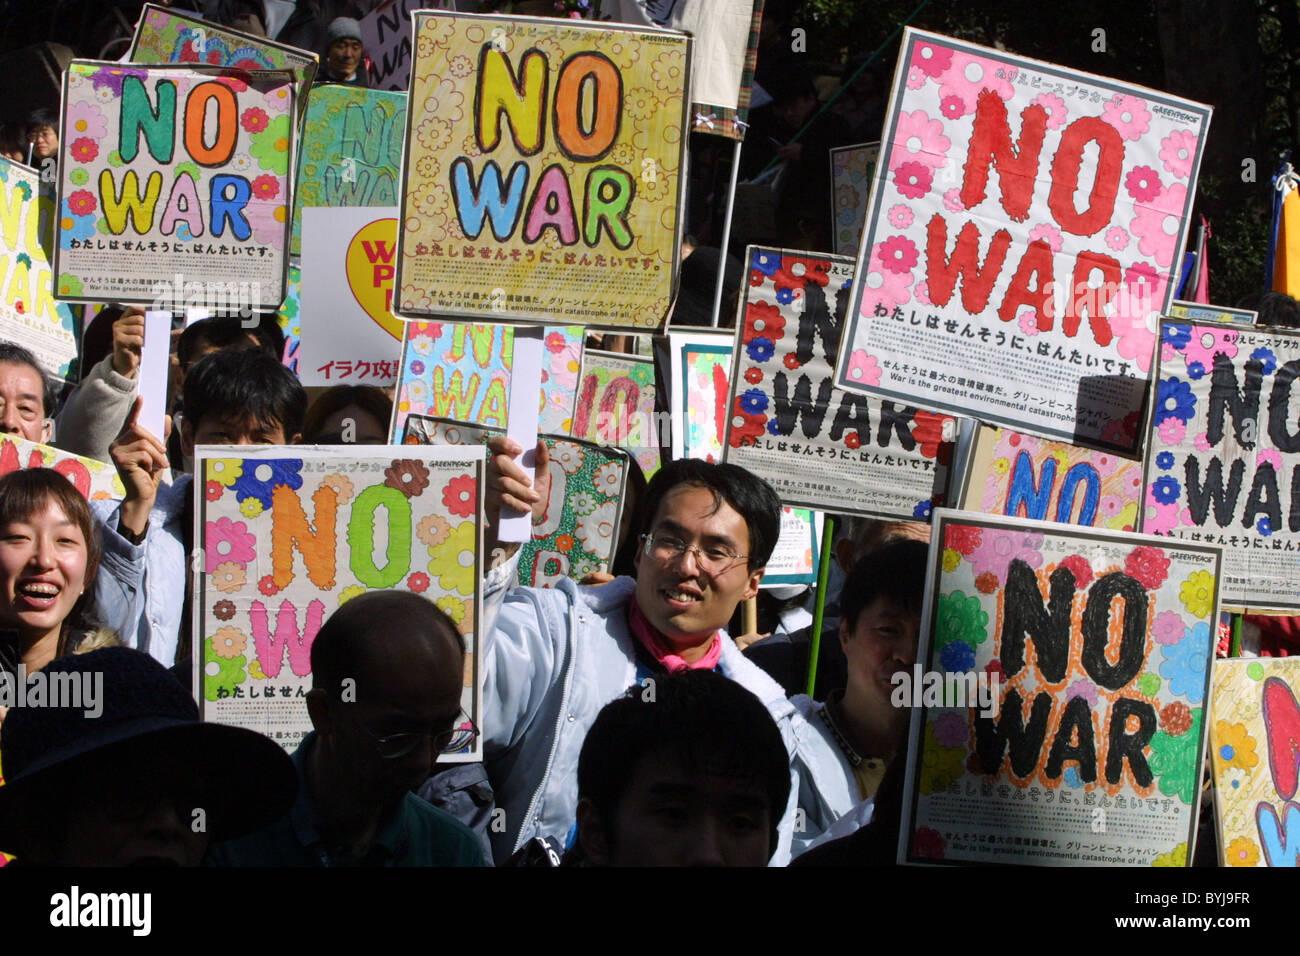 No a la guerra y guerra y paz Anti-Iraq demostración de protesta, en Tokio, Japón, el 8 de marzo de 2003 Imagen De Stock